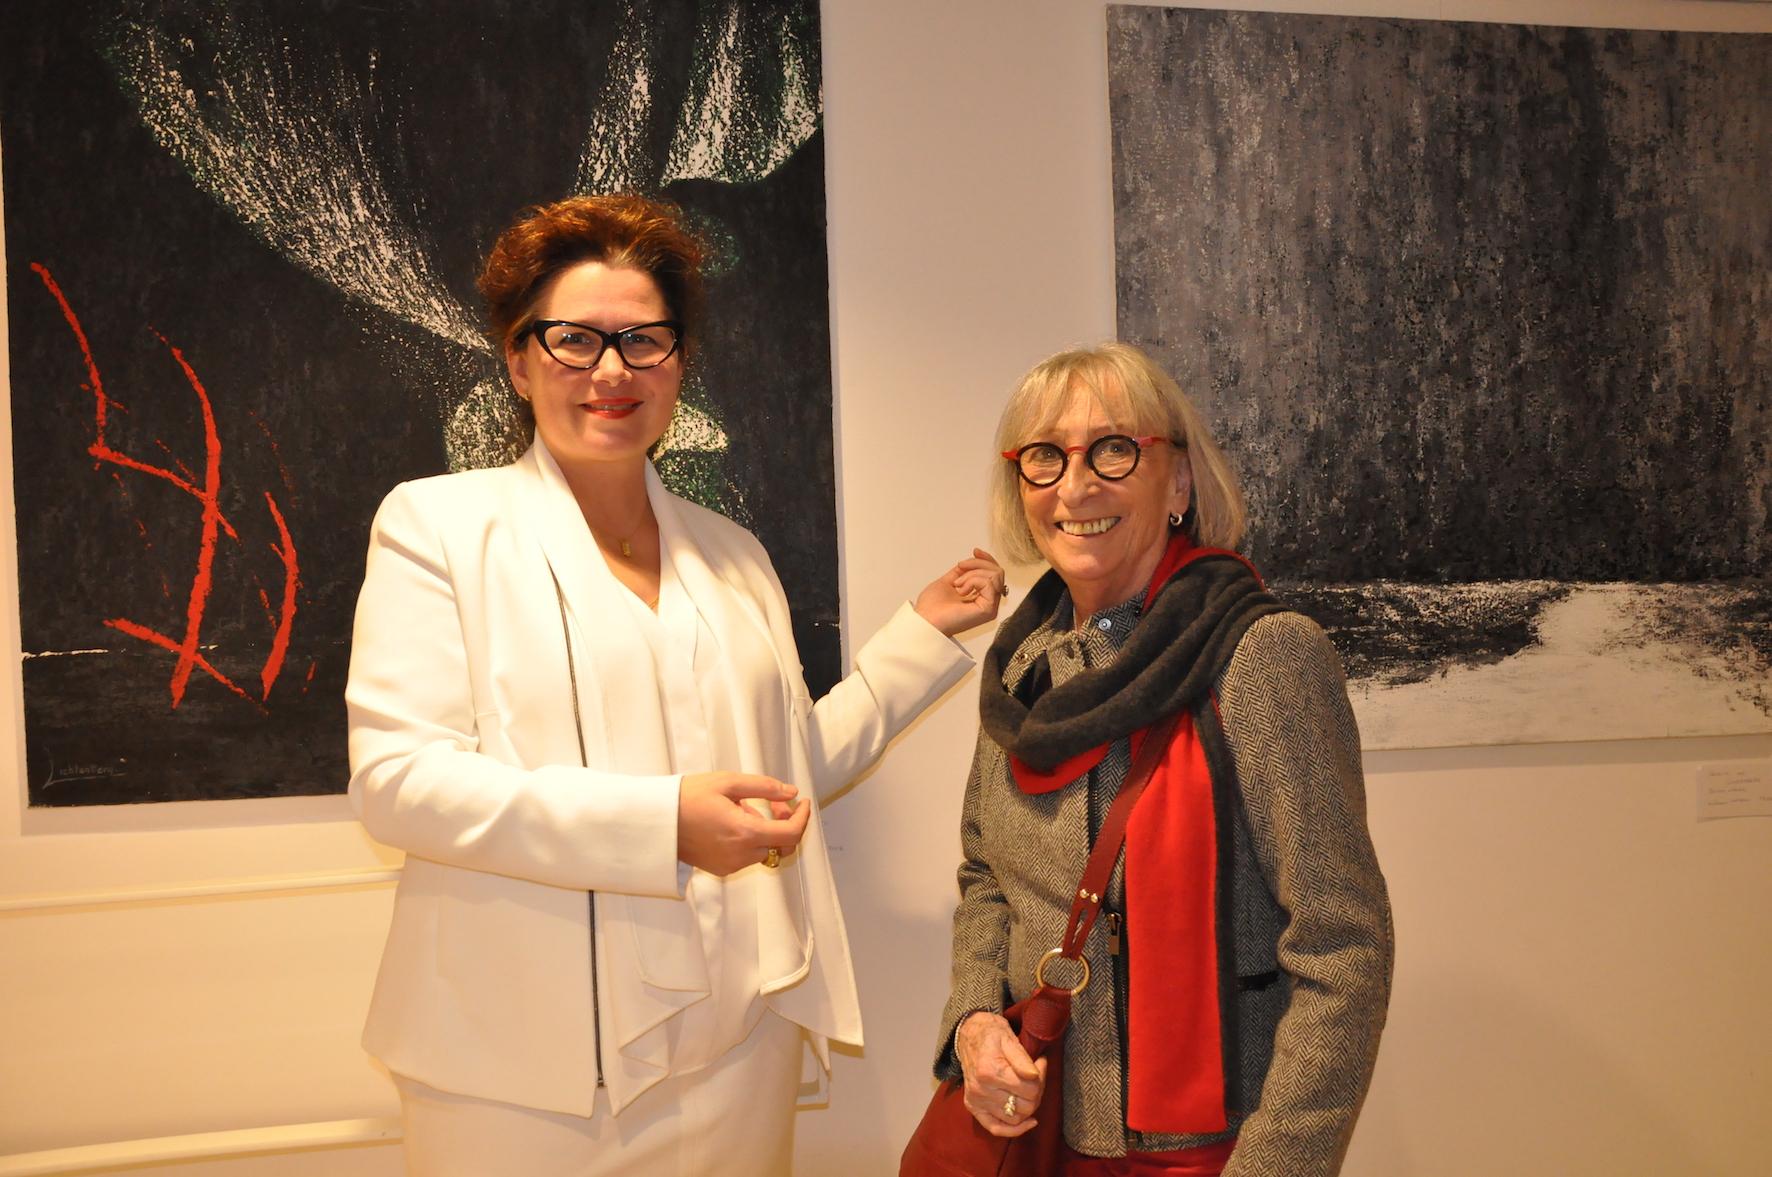 1 l artiste peintre verena von lichtenberg est a paris une exposition d art a l espace st martin beaubourg elle est au louvre grand palais a honfleur